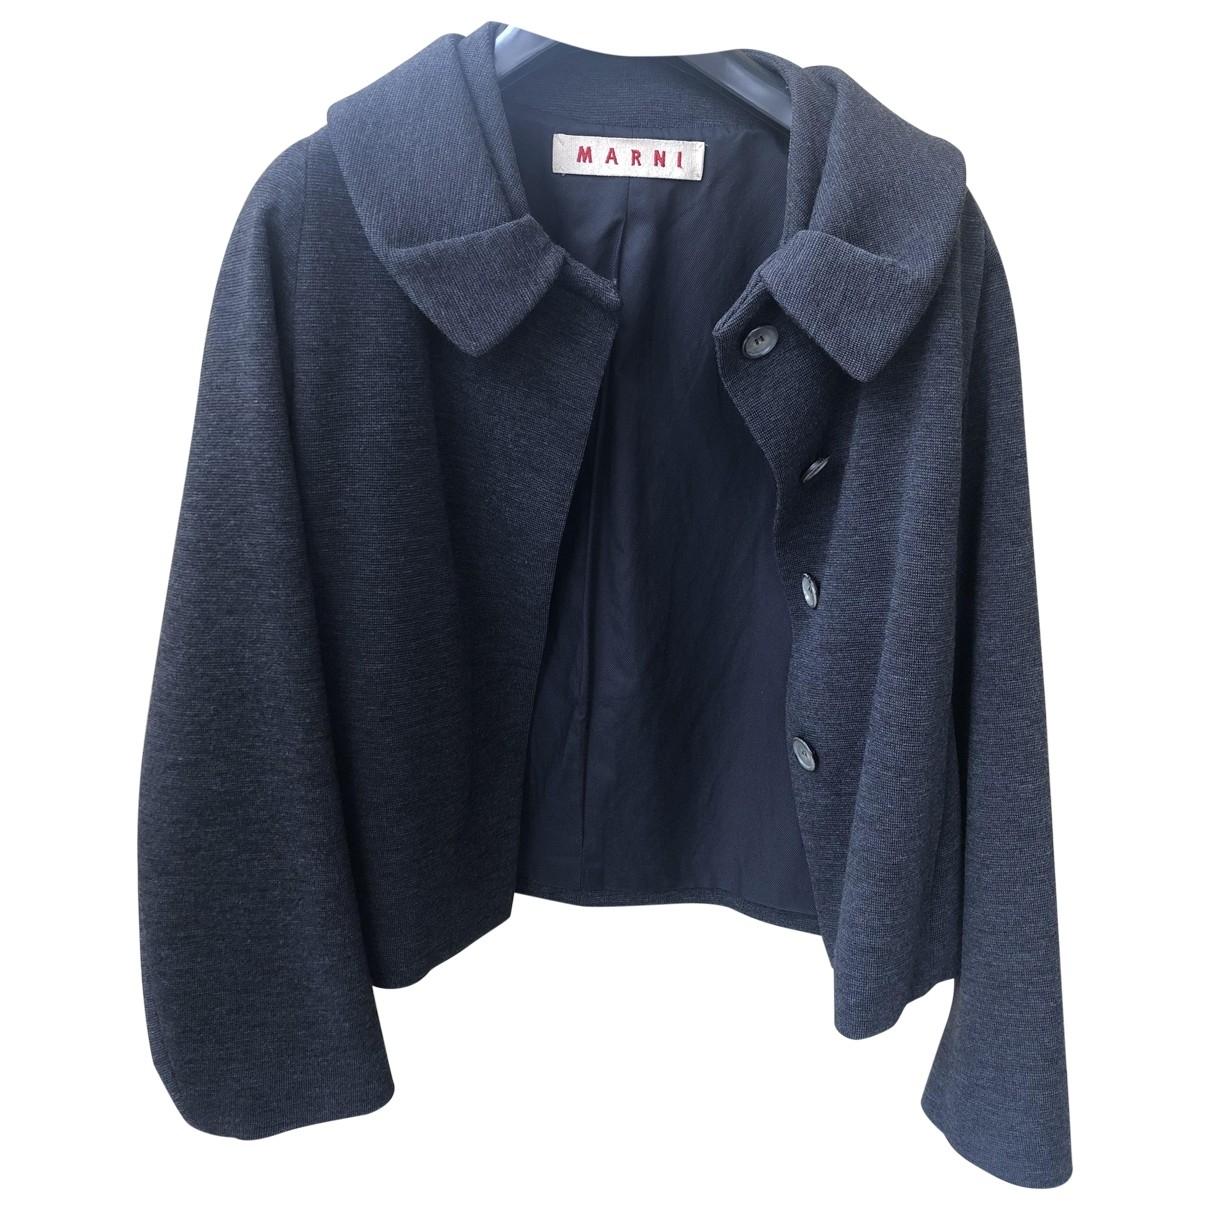 Marni \N Jacke in  Grau Wolle